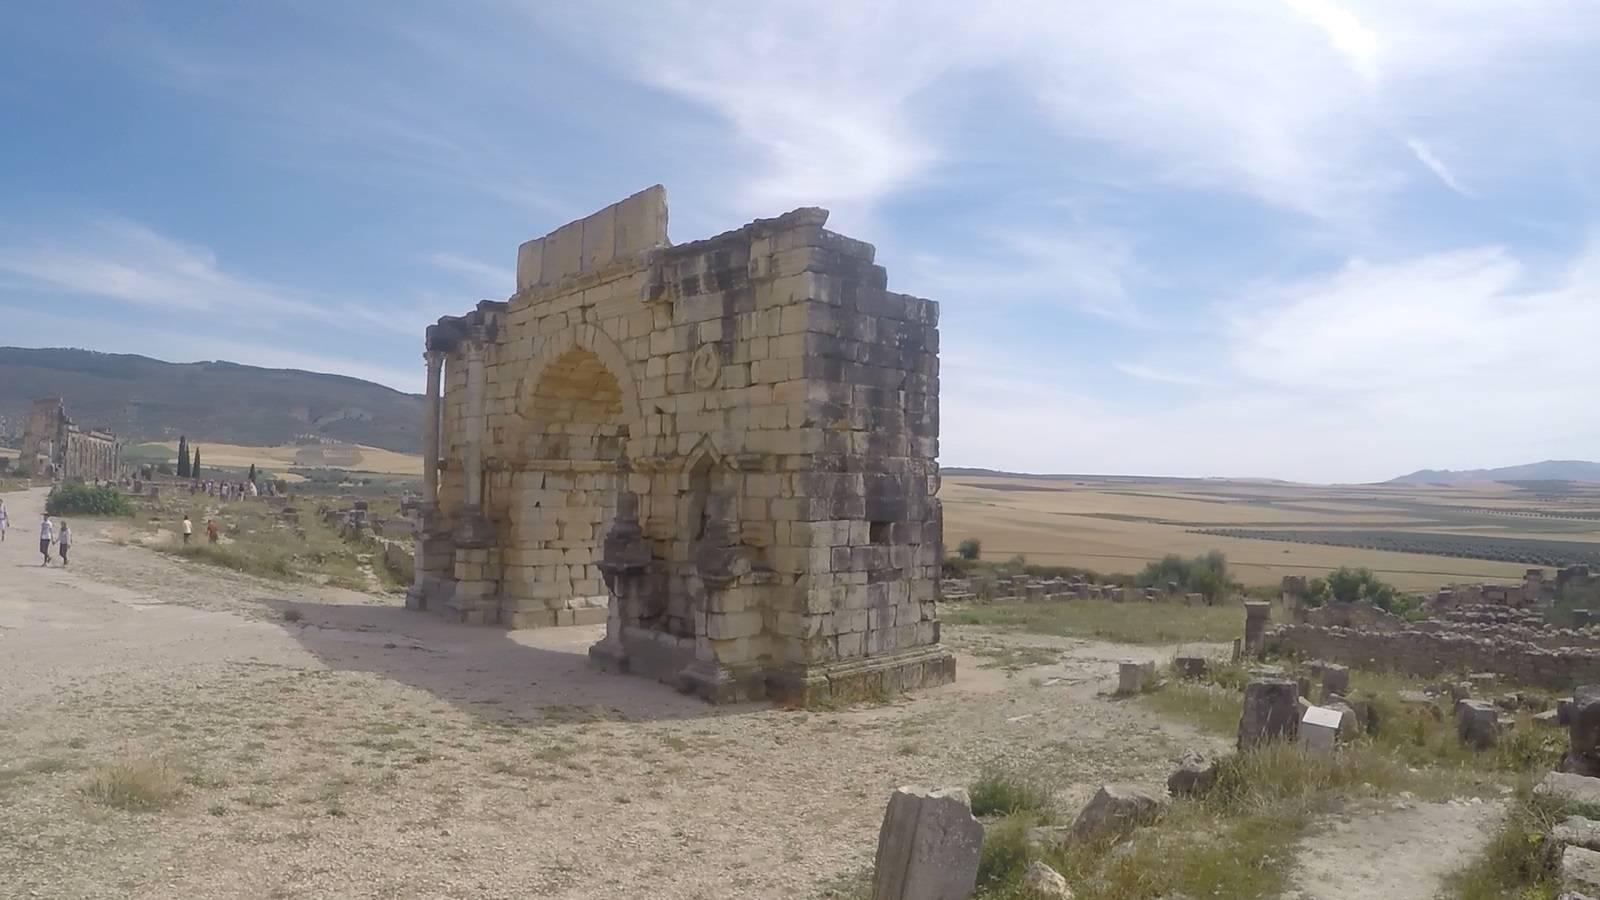 Photo 3: Volubilis - Ruines romaines au Maroc